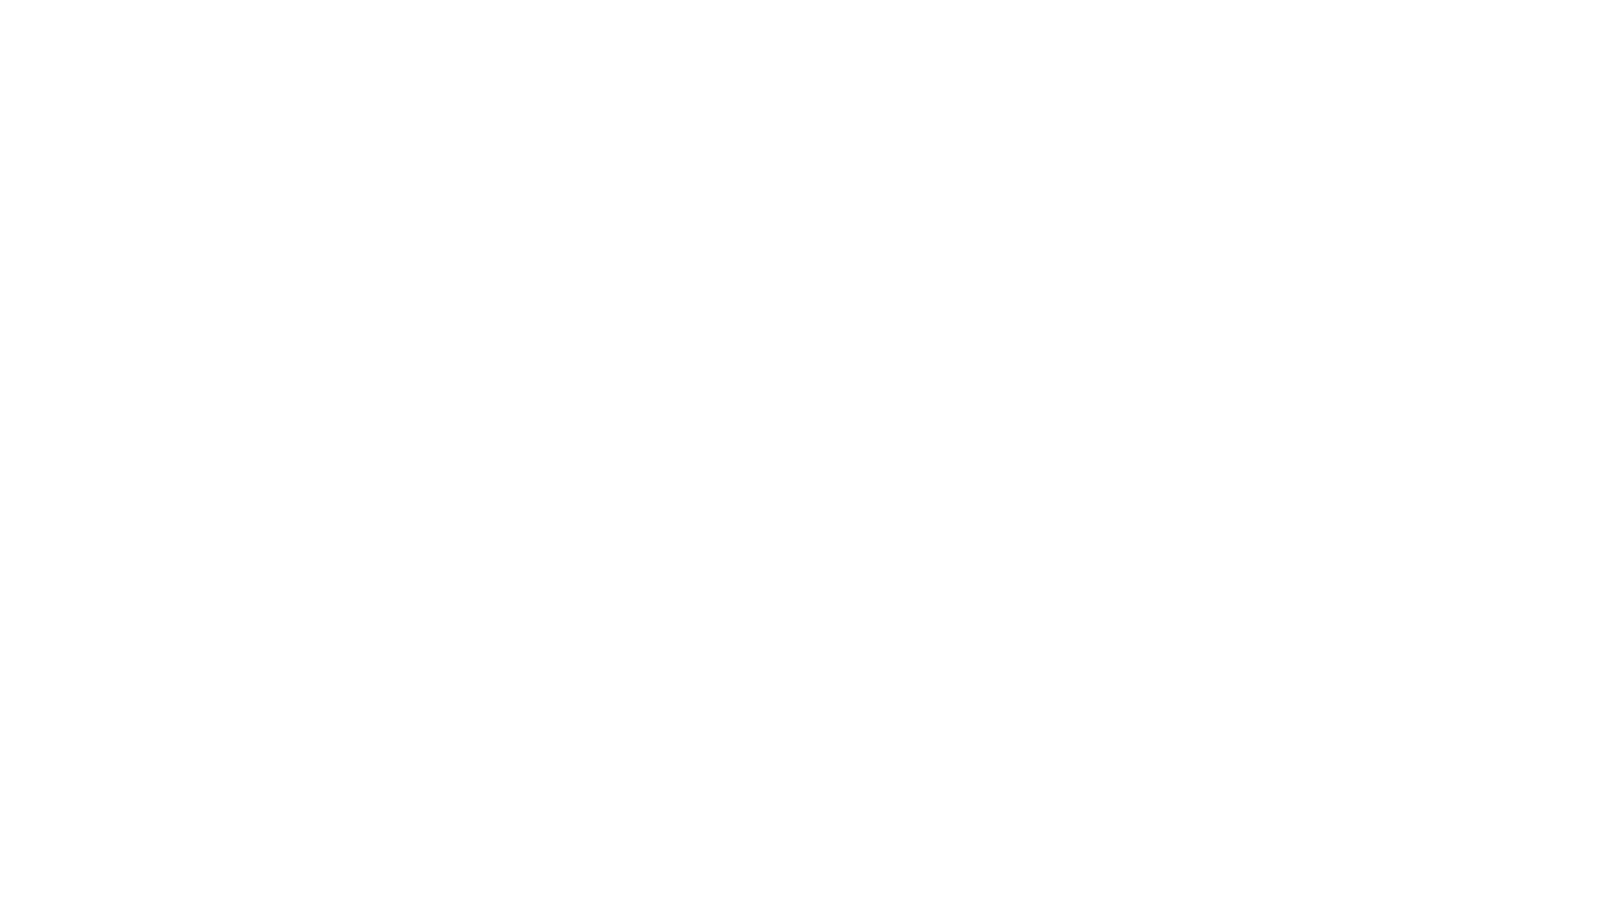 Famílias que fazem parte do Serviço de Convivência e Fortalecimento de Vínculos (SCFV) da Prefeitura de Lauro de Freitas, recebem Cestas de Alimentos.  O Secretário da Semdesc, Tito Coelho, como sempre acompanhou as entregas.  Respeito, Competência e Profissionalismo têm nome: Os Tops da Comunicação!